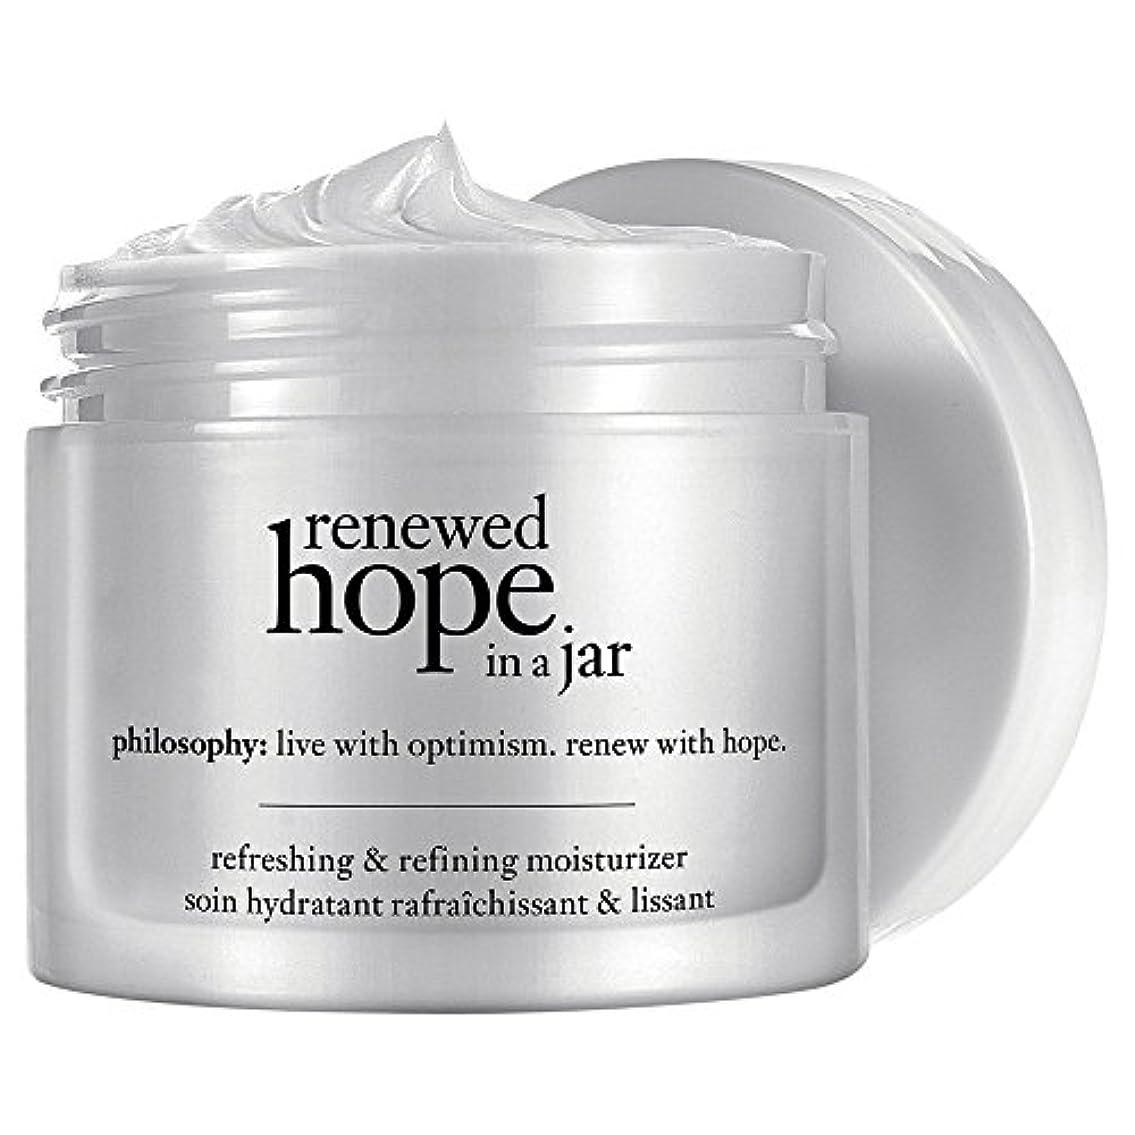 ファランクスなぜひねくれた瓶内の哲学新たな希望を、60ミリリットル (Philosophy) (x6) - Philosophy Renewed Hope In a Jar, 60ml (Pack of 6) [並行輸入品]